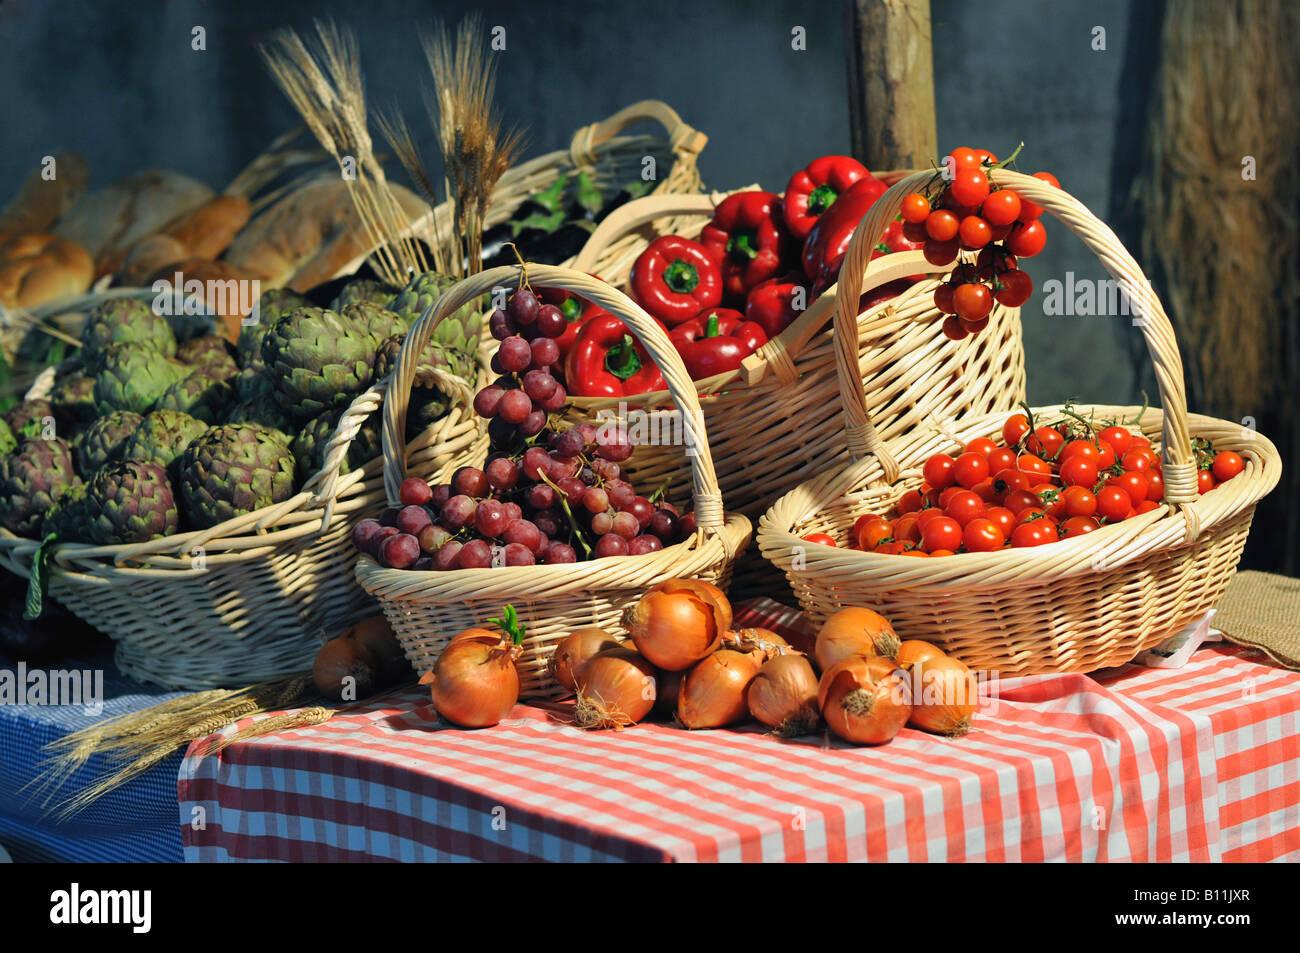 Los productos agrícolas típicos italianos Foto de stock